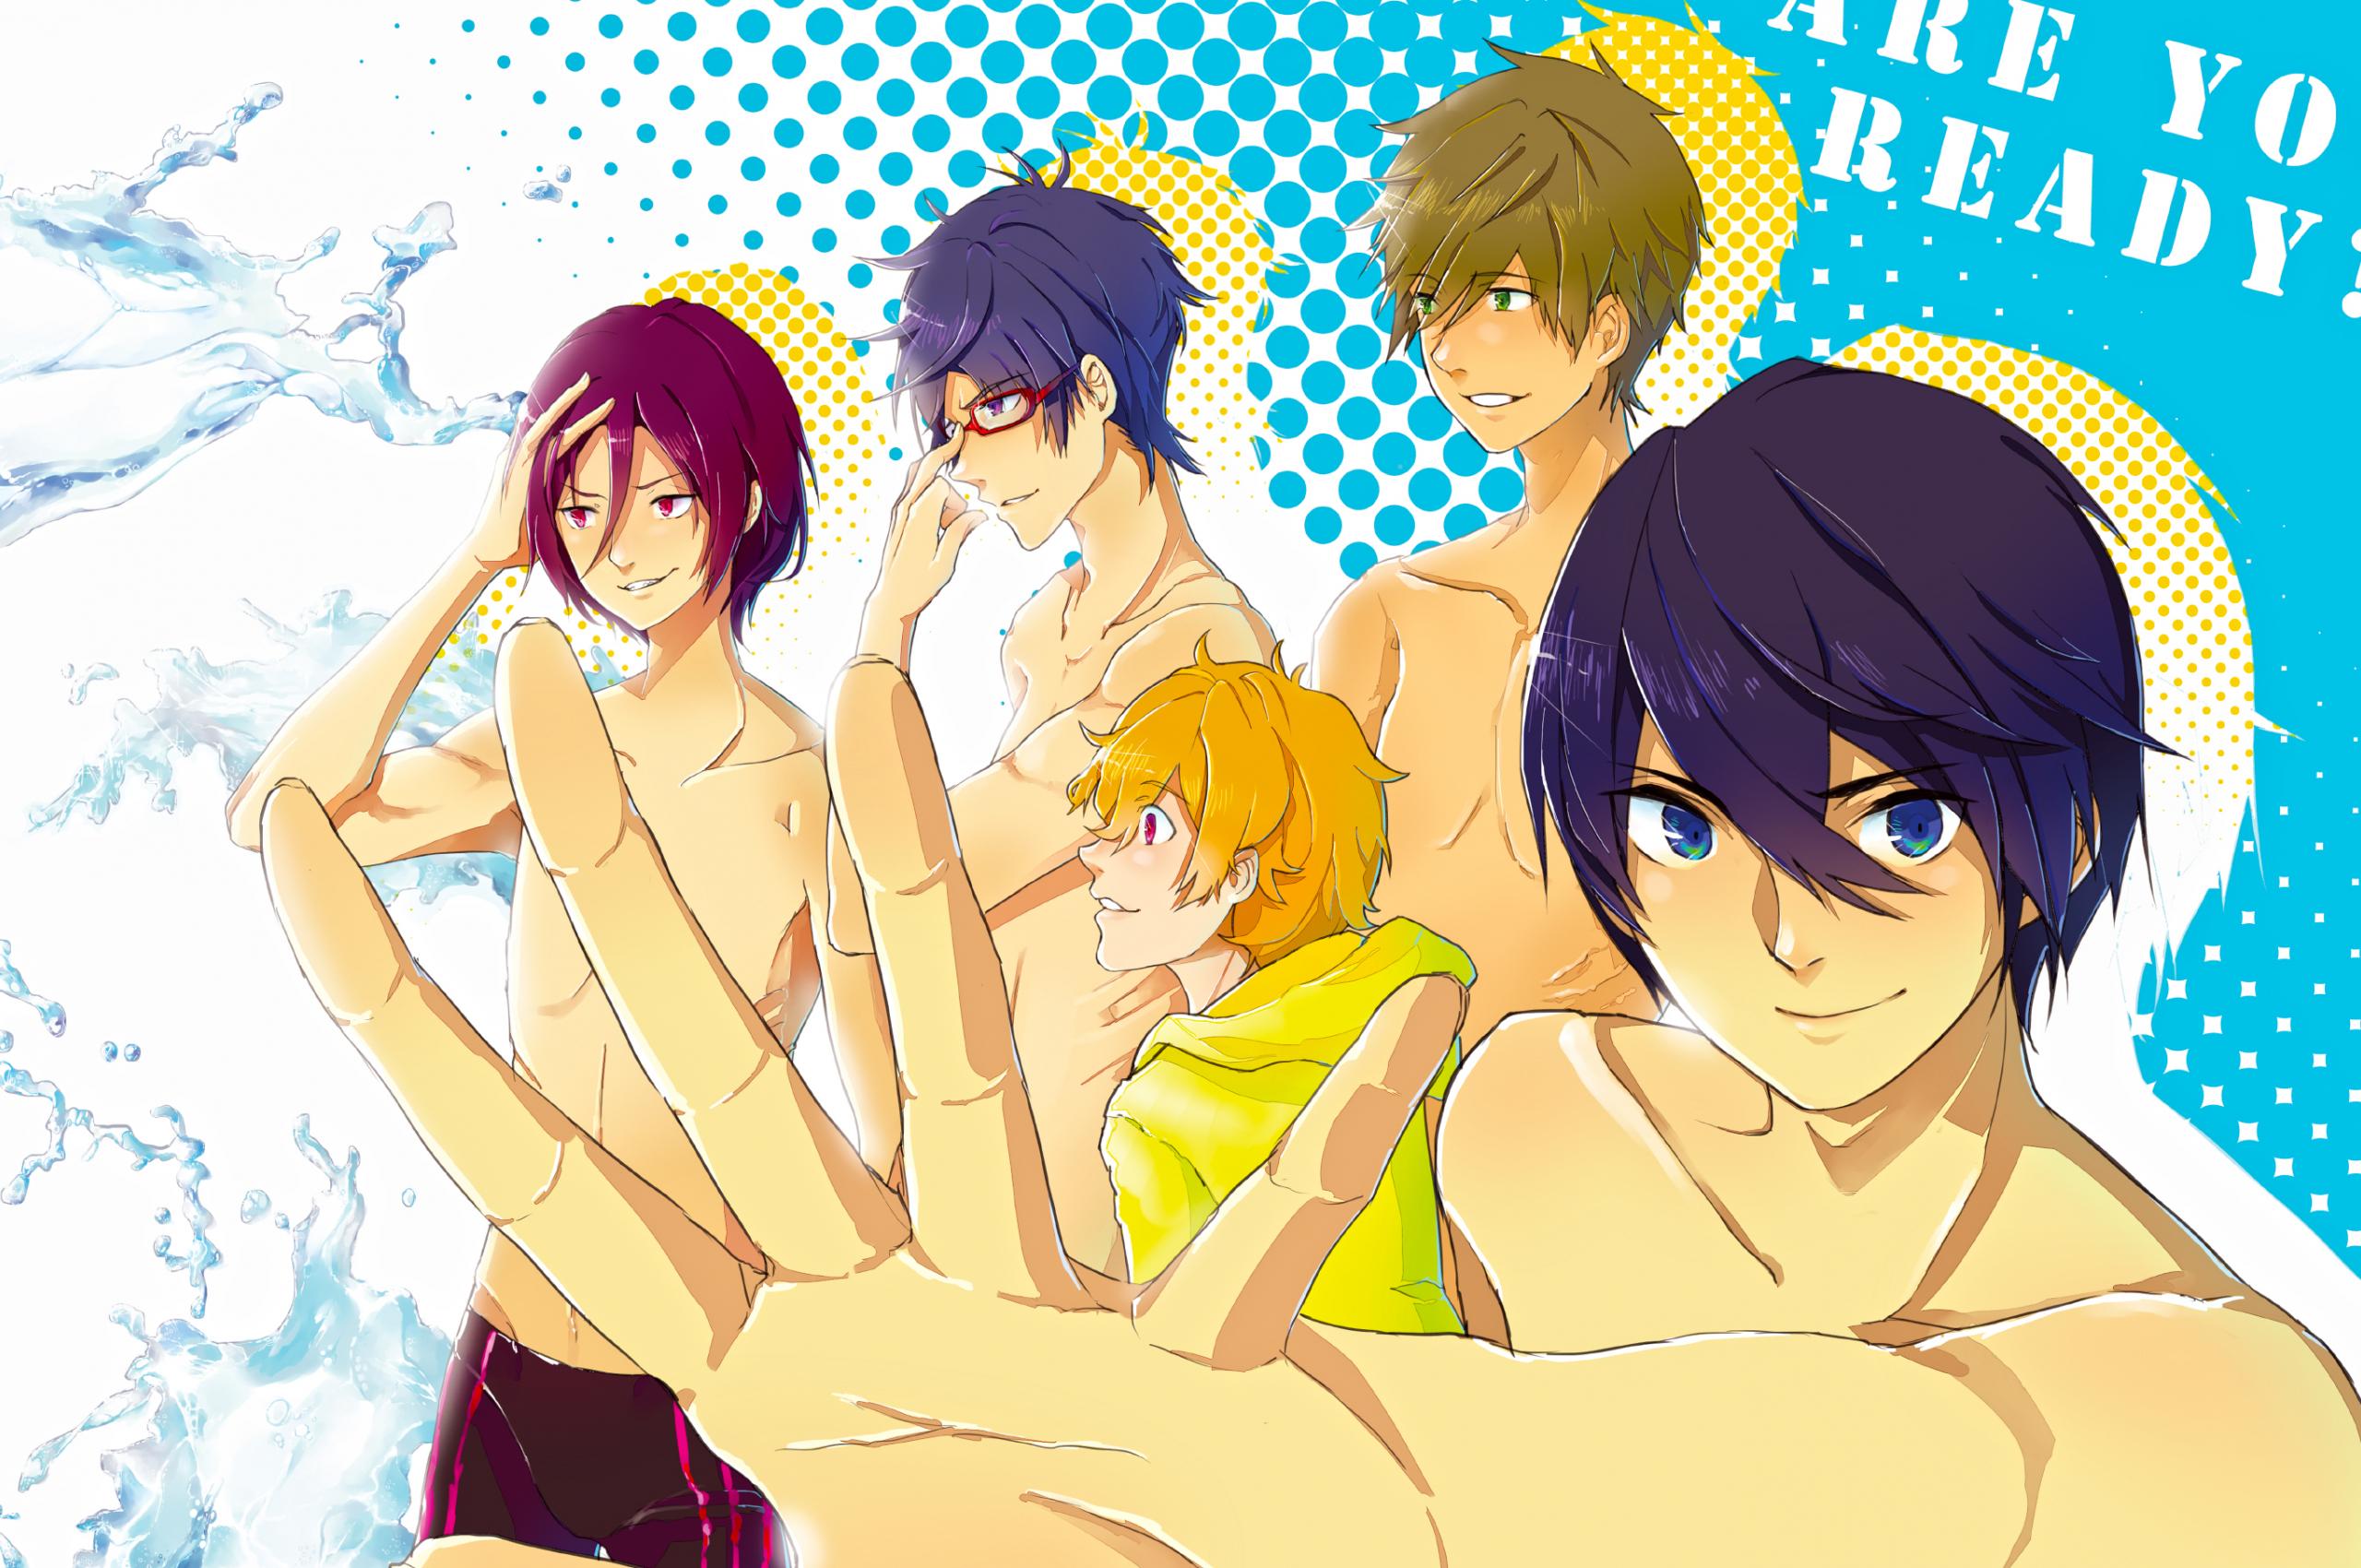 Free Download Iwatobi Swim Club By Kaiyobi 2800x1812 For Your